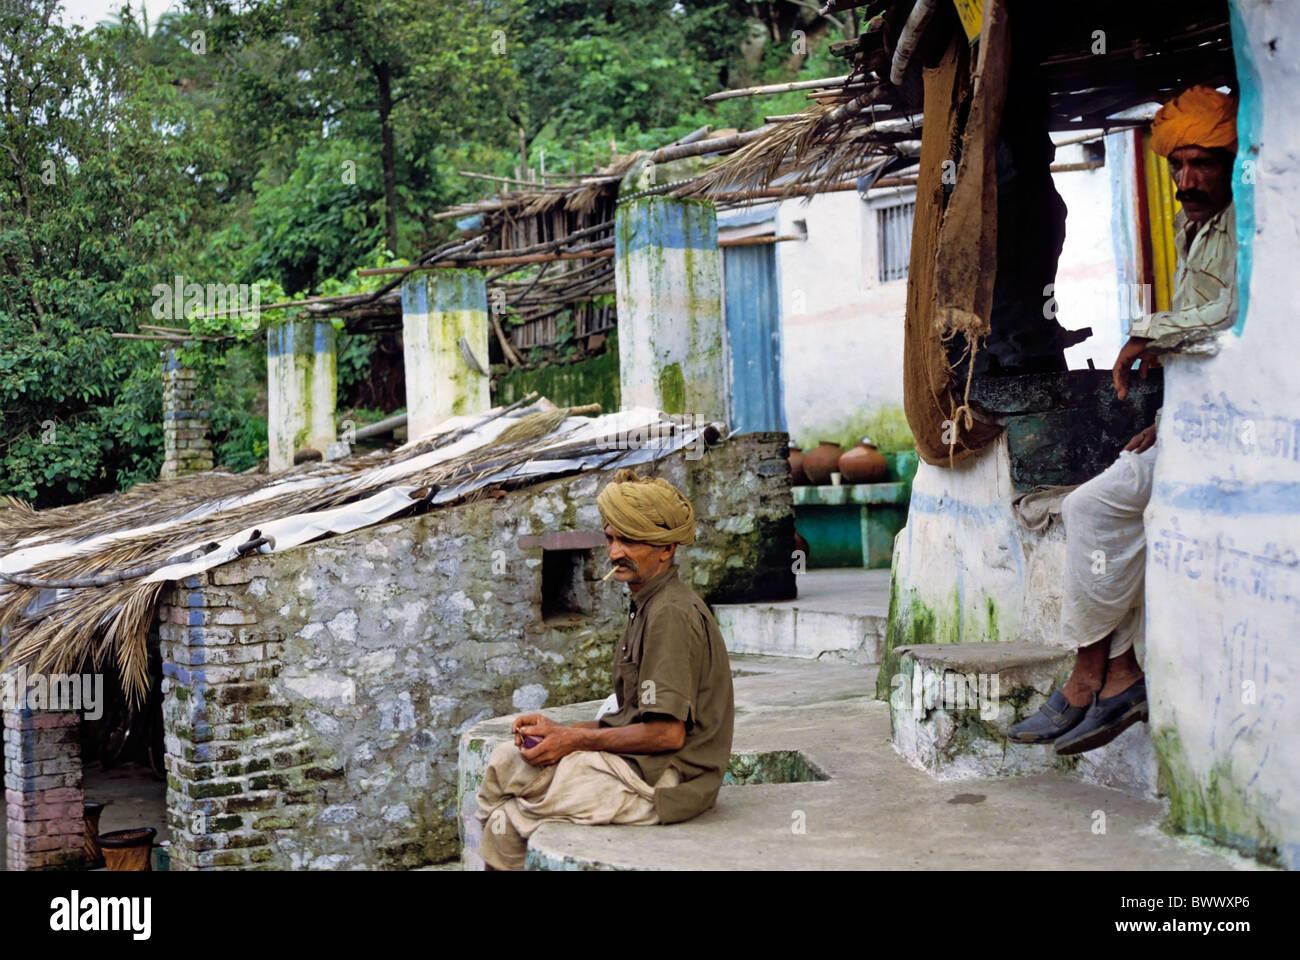 Gli uomini di religione sikh rilassante mentre avente una sigaretta al di fuori della loro casa, Mount Abu, Rajasthan, Immagini Stock